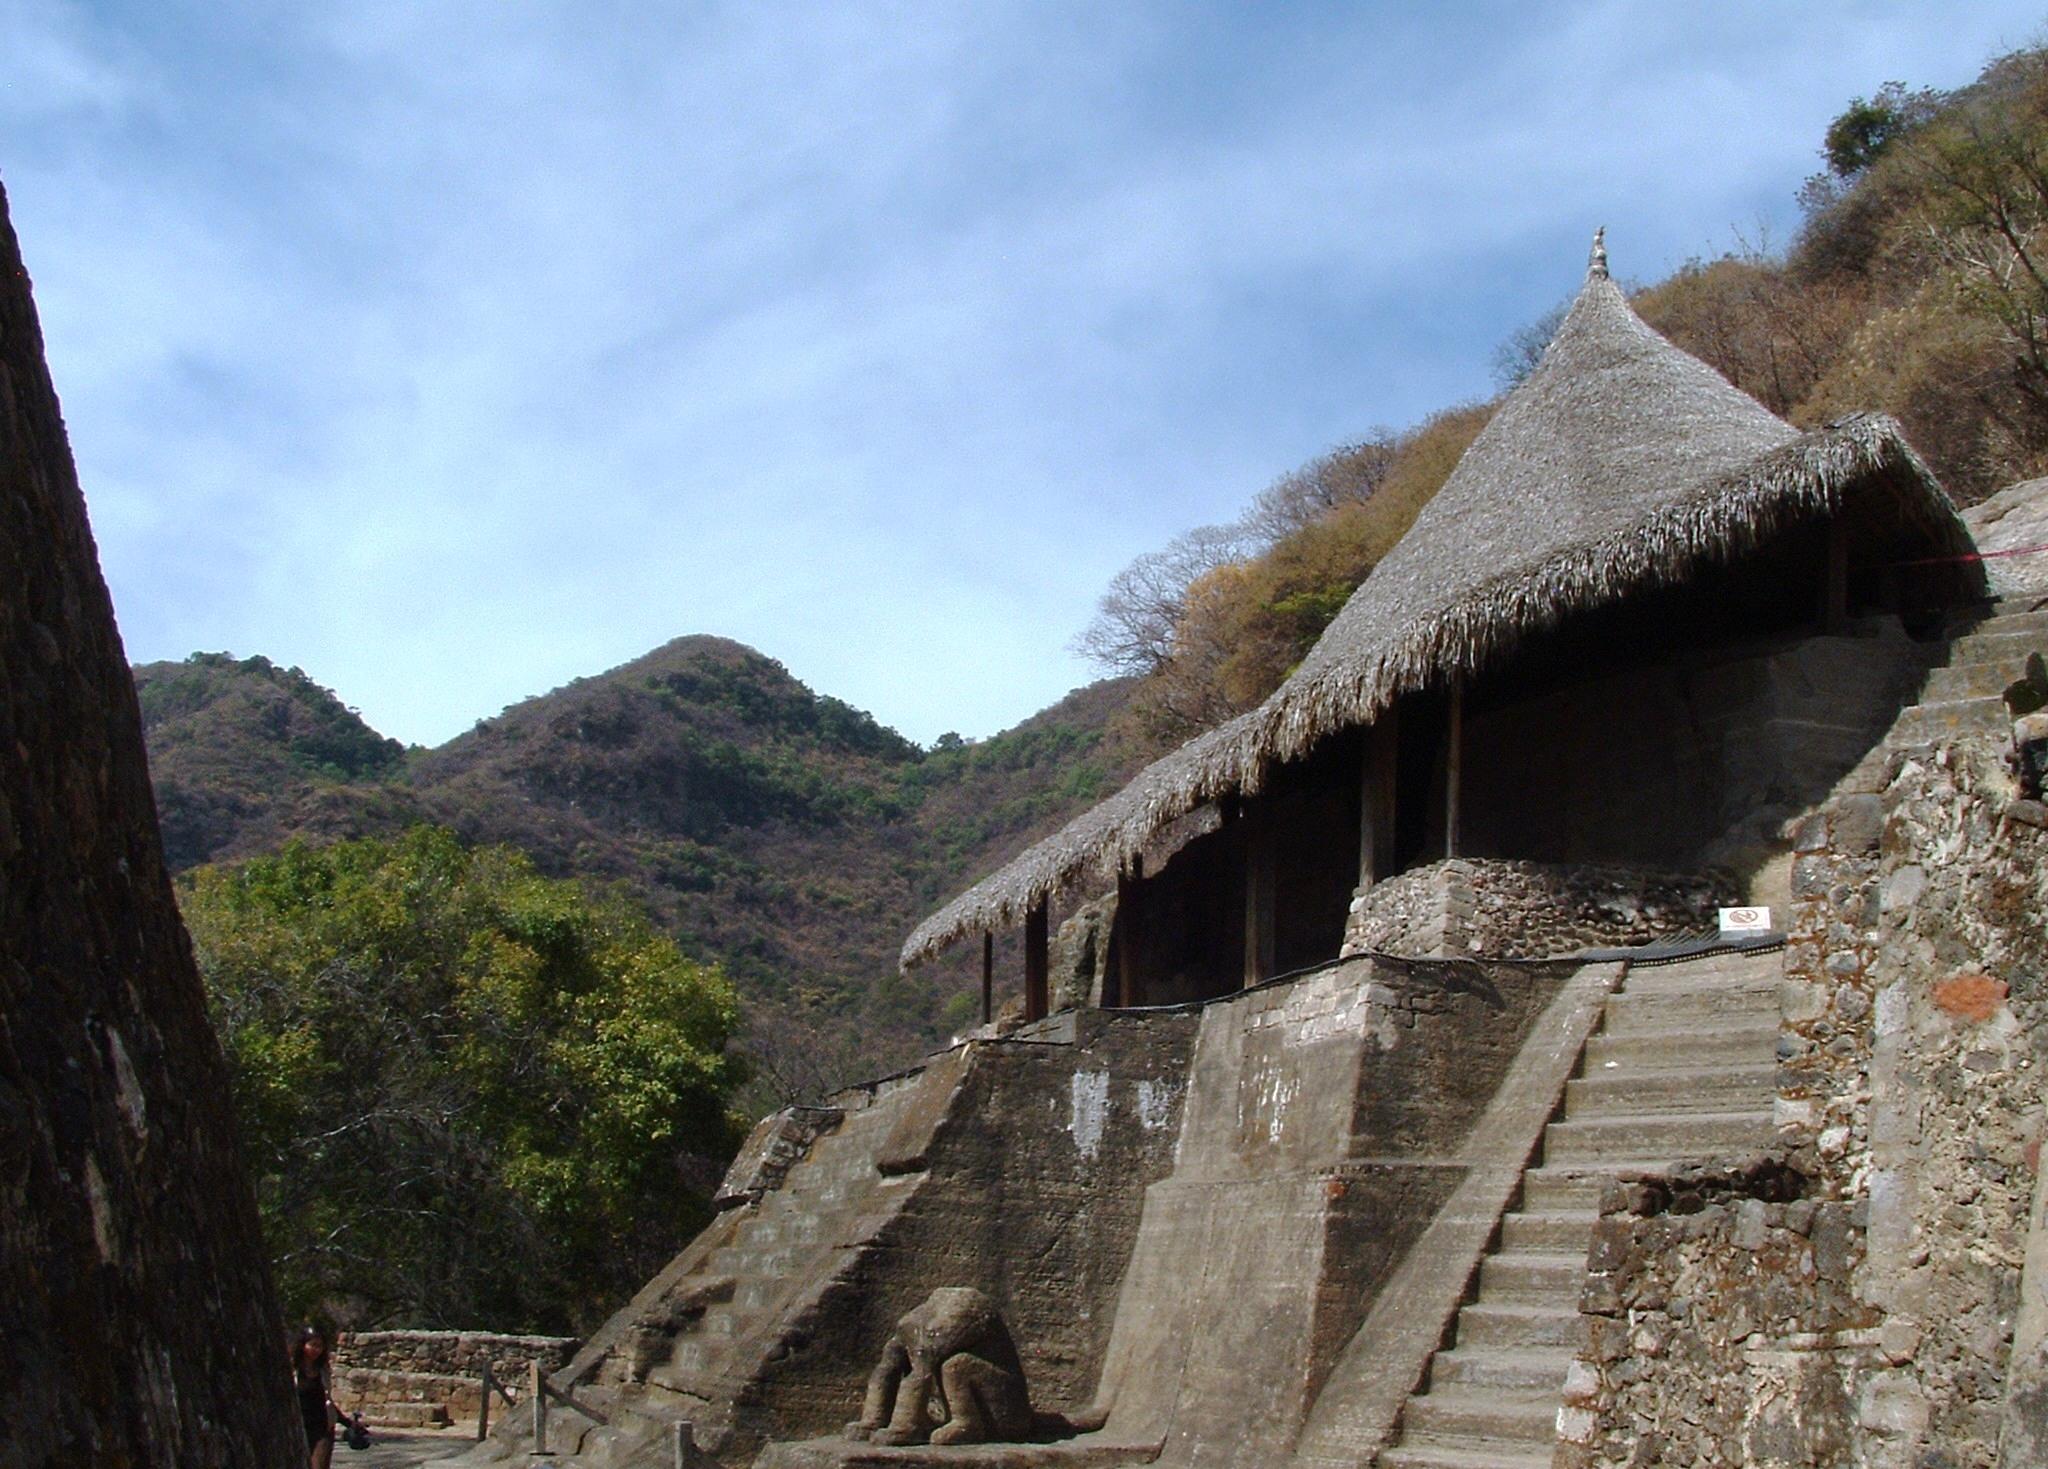 Paseos Culturales INAH Malinalco, la escuela superior de guerra Mexica.